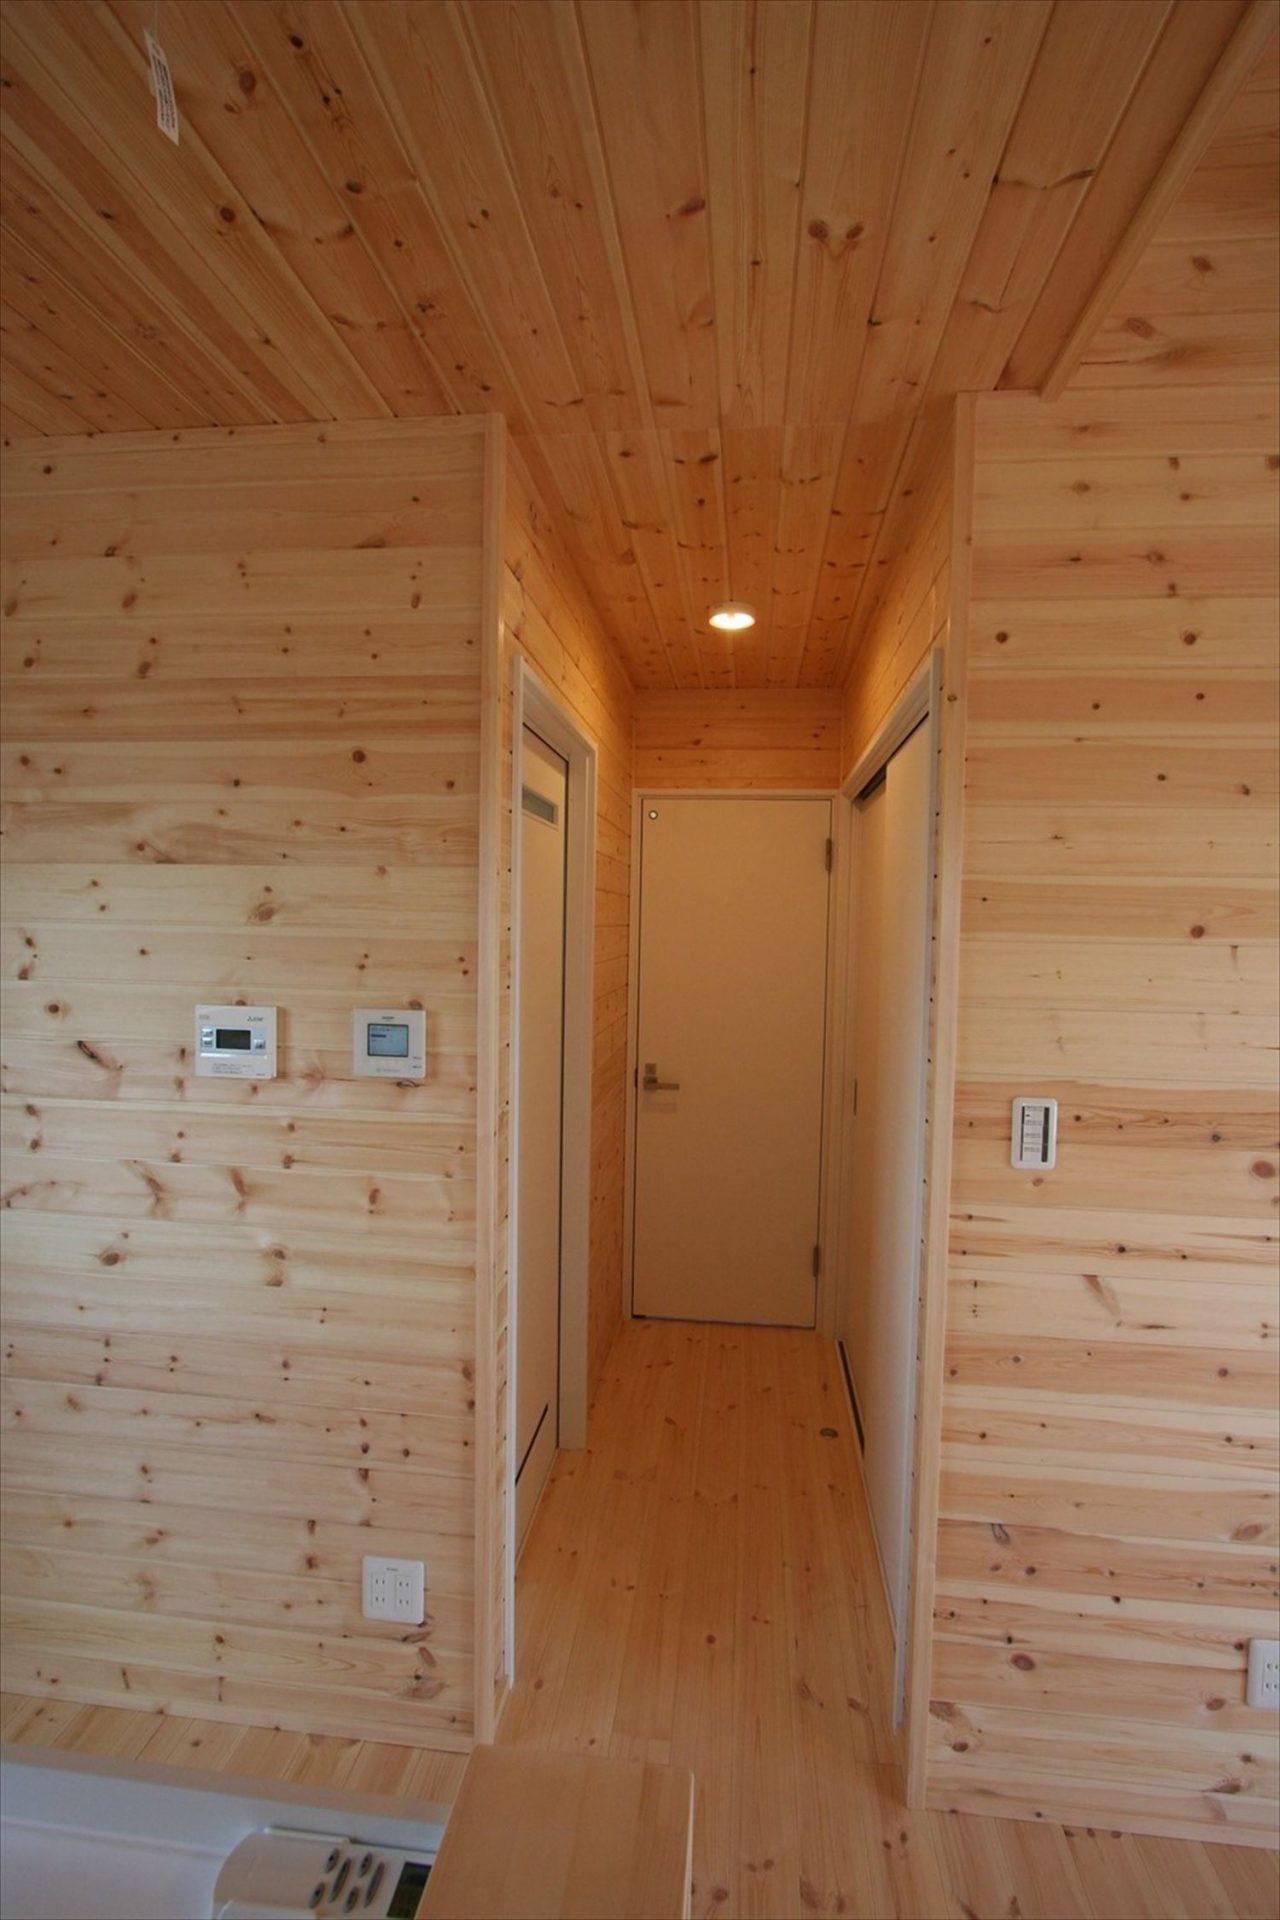 ドッグランのある3LDK平屋の廊下|群馬県の注文住宅,ログハウスのような木の家を低価格で建てるならエイ・ワン